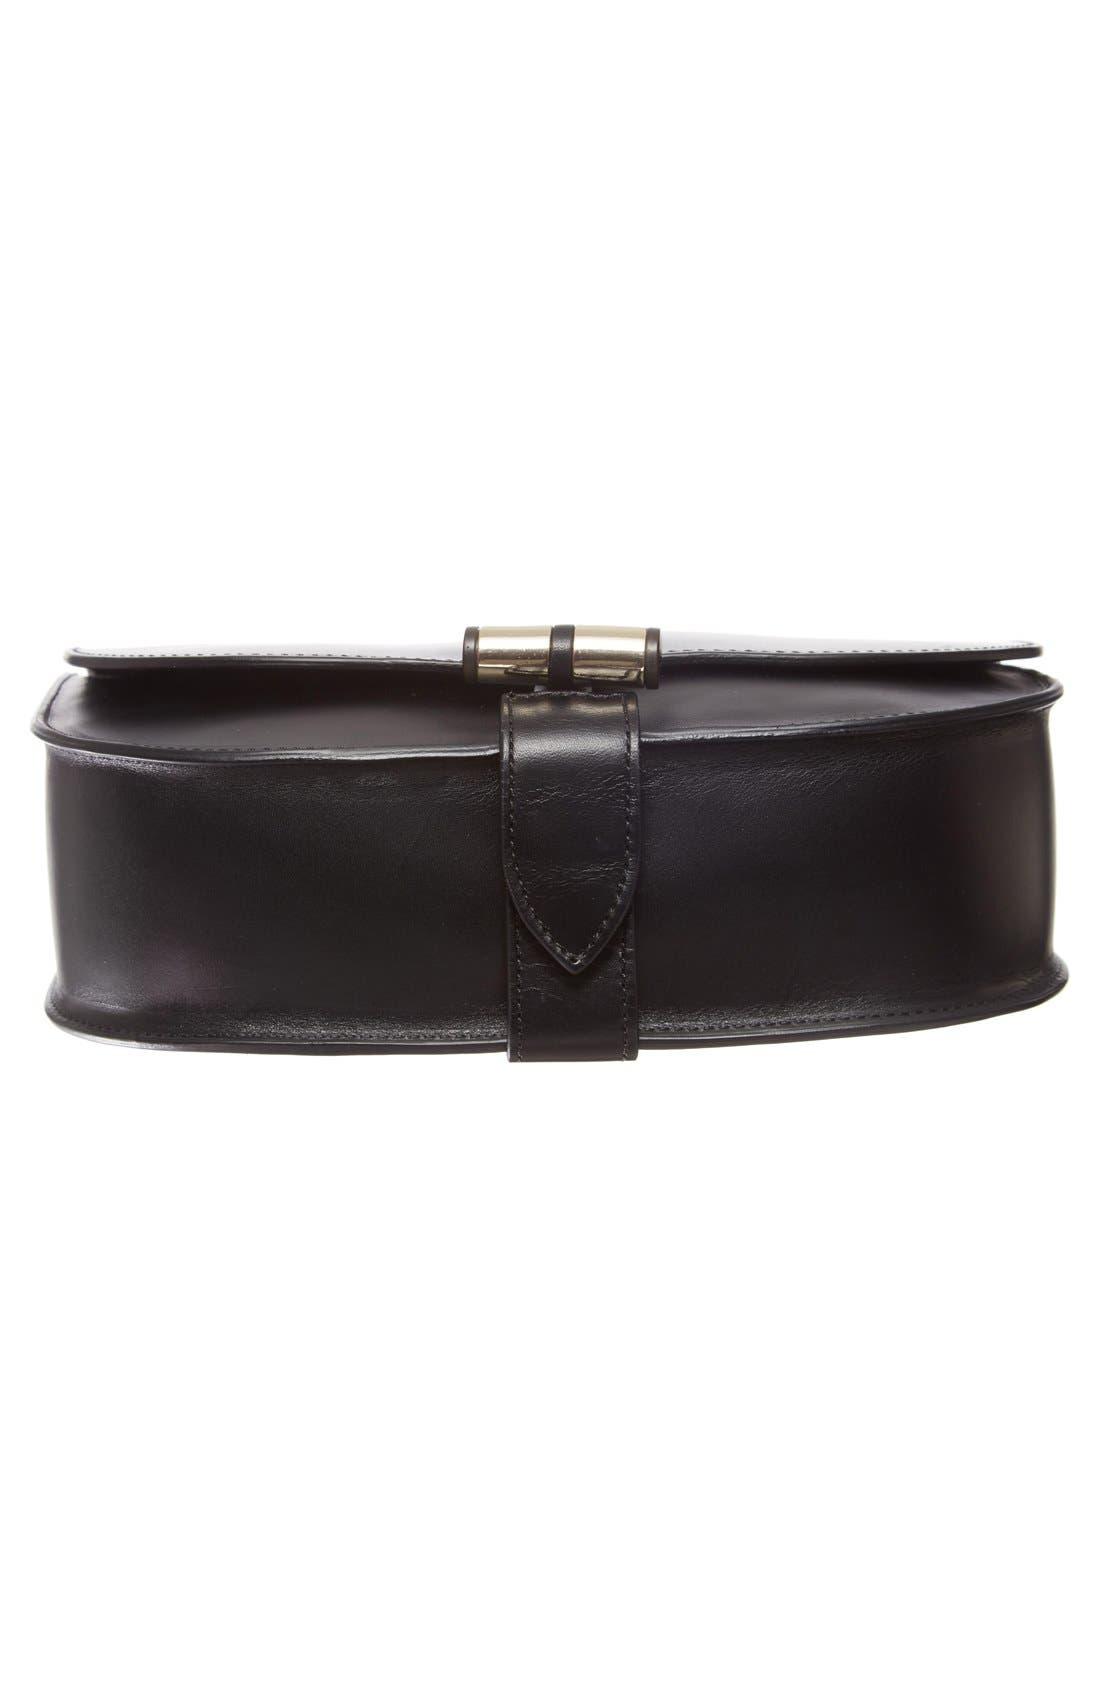 'Sac June' Leather Shoulder Bag,                             Alternate thumbnail 6, color,                             001